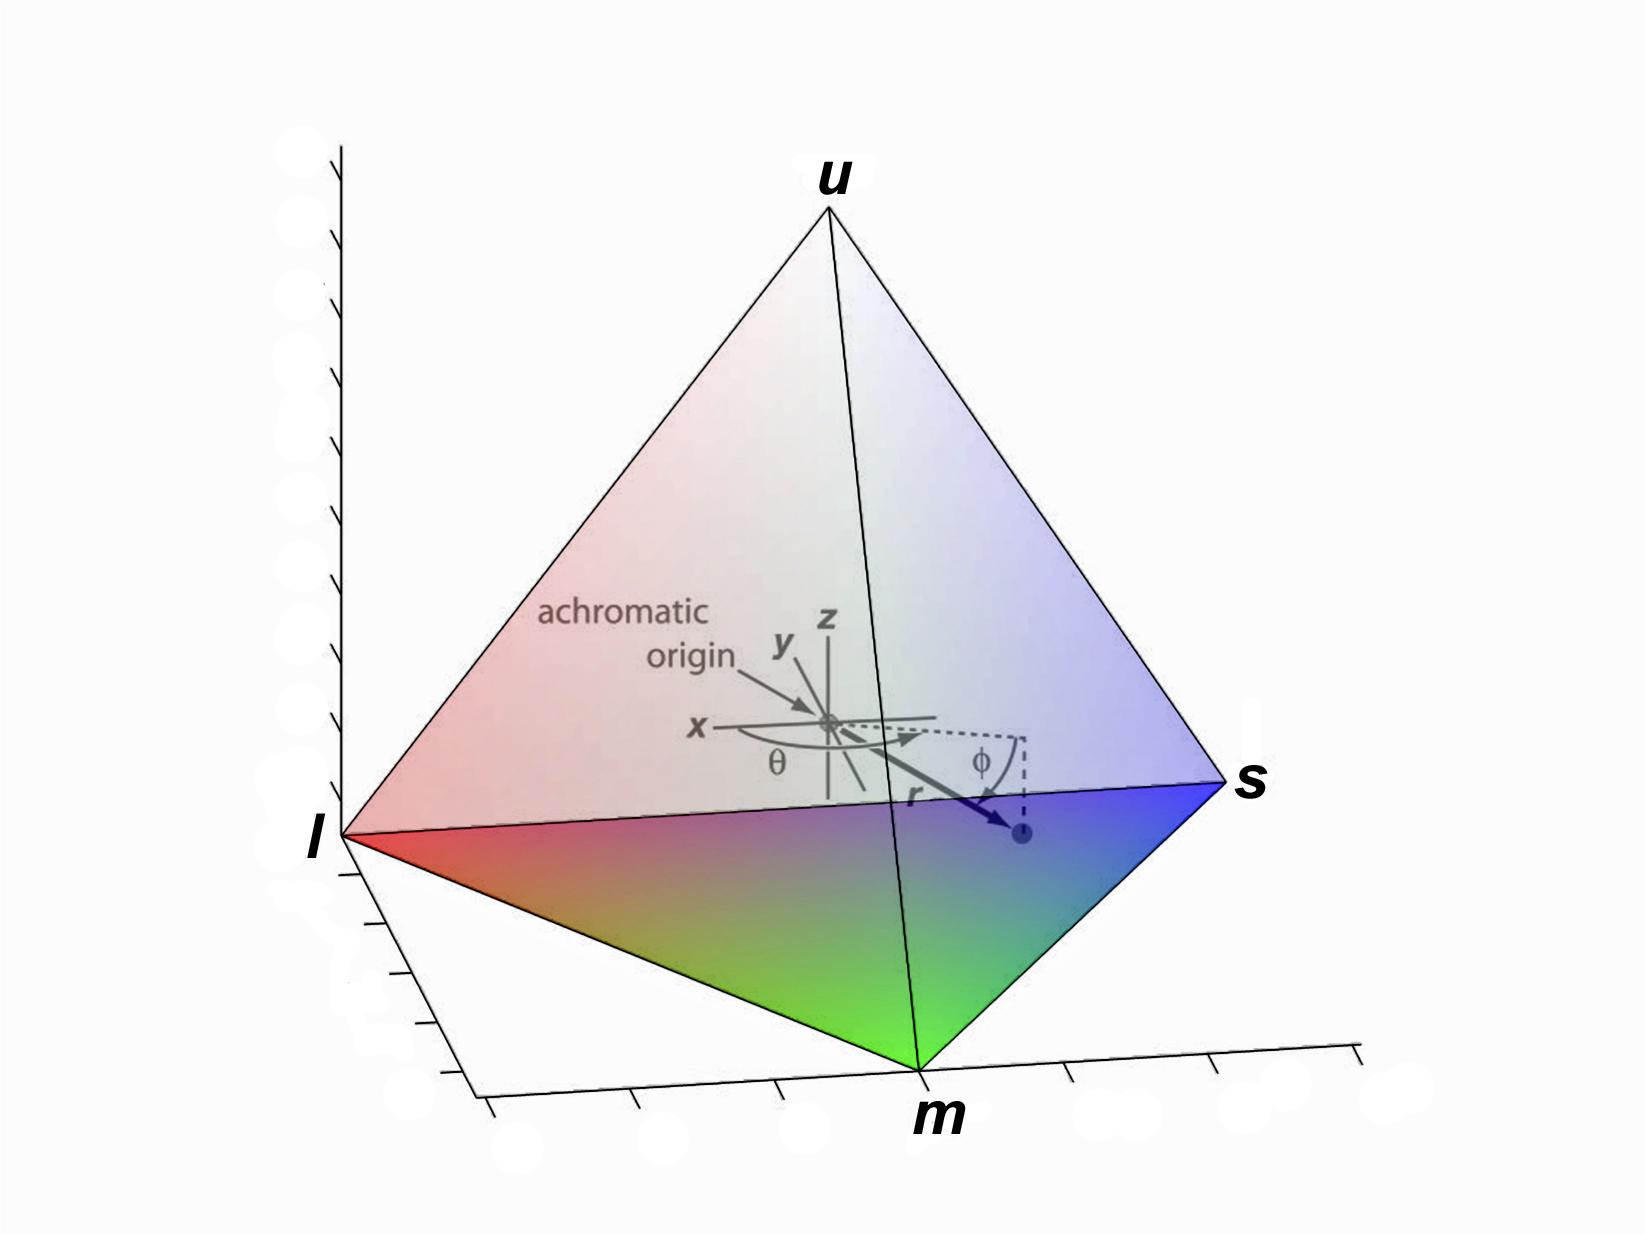 Tetrahedron_credit_Stoddard